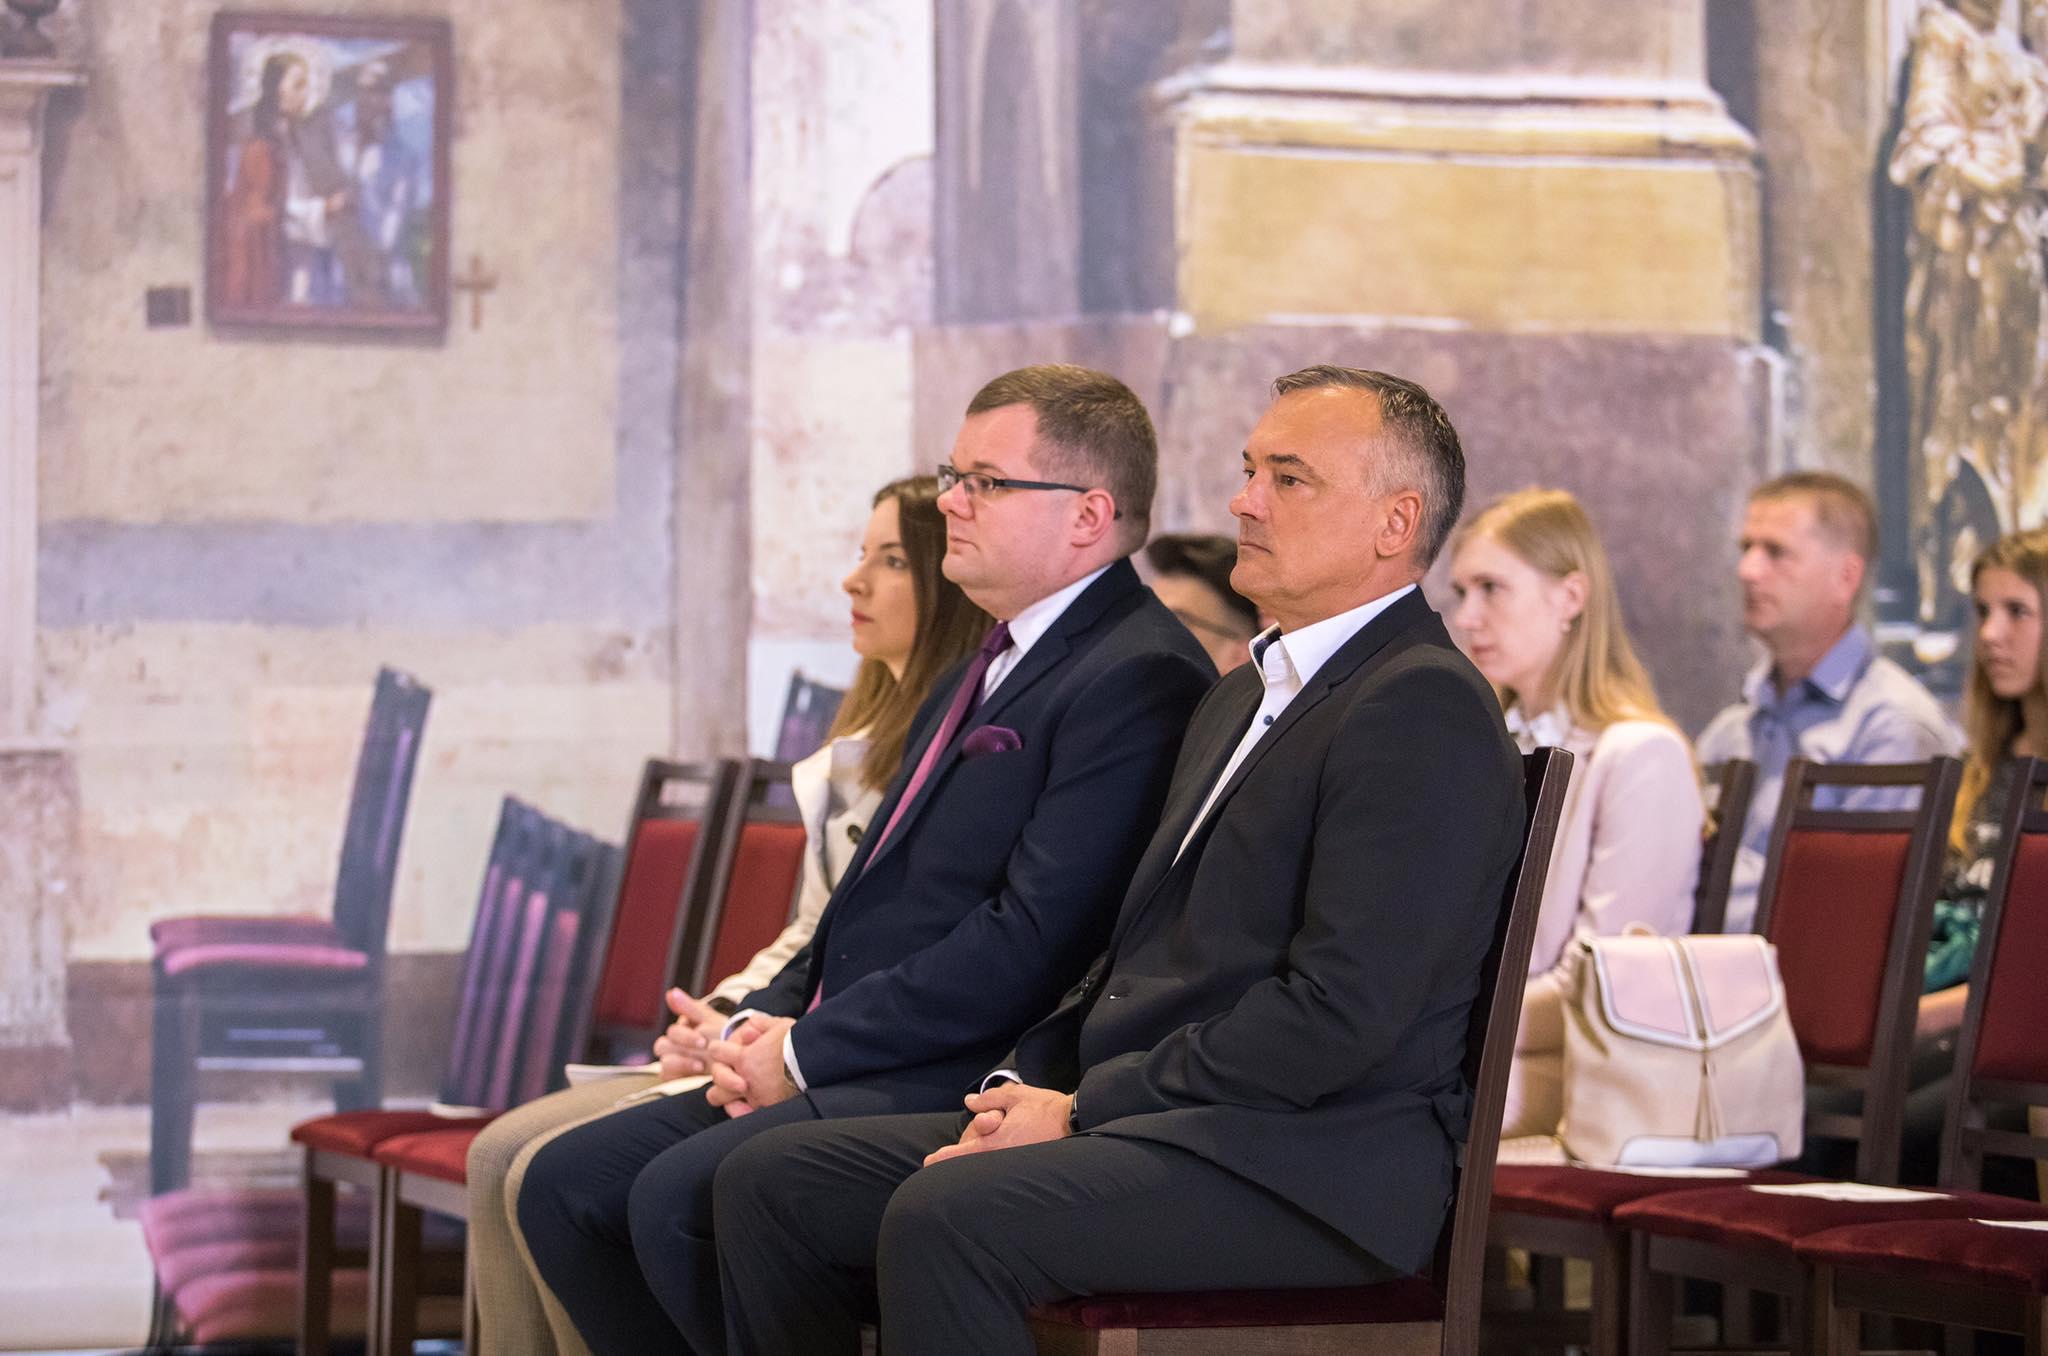 A győri Fidesz szerint inkább azzal kellene foglalkozni, hogy épül-szépül a város